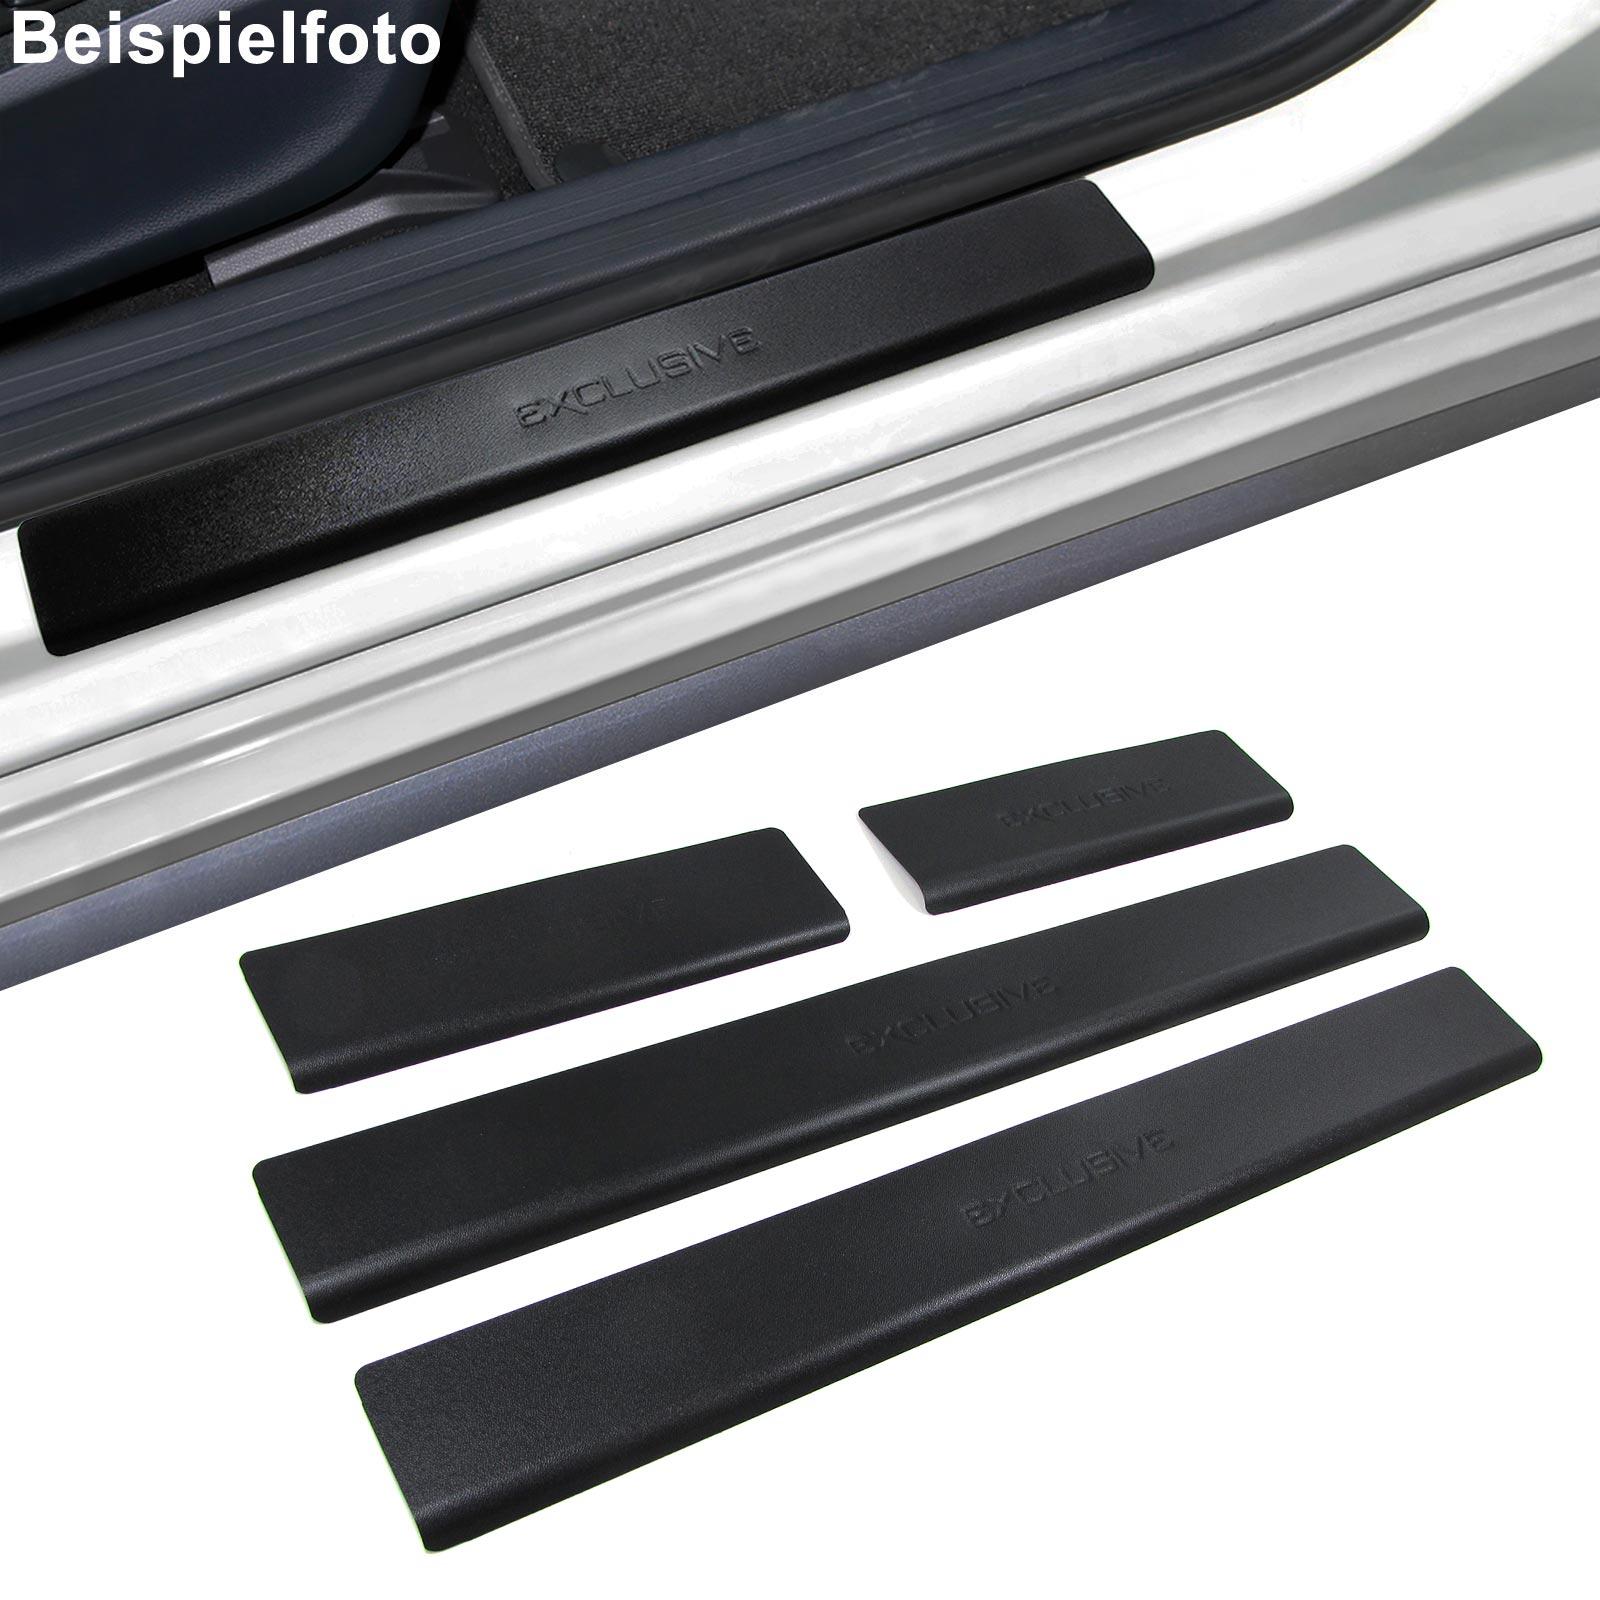 Einstiegsleisten Schutz schwarz Exclusive für Hyundai ix35 LM ab 09